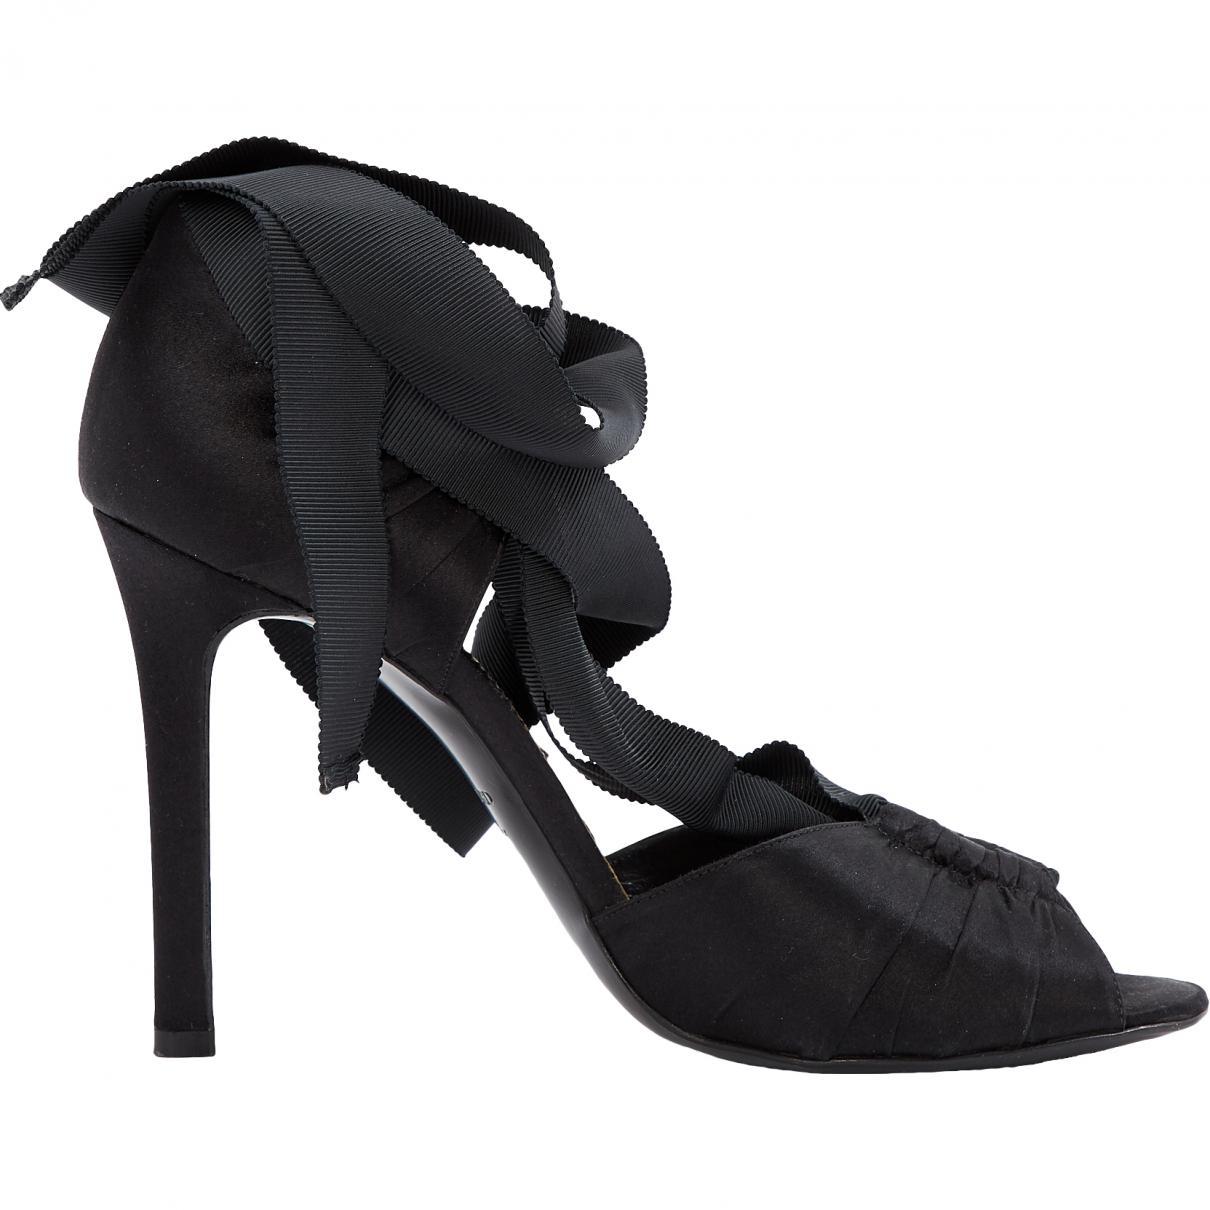 6dd8c6fb22d Lyst - Tom Ford Black Cloth Heels in Black